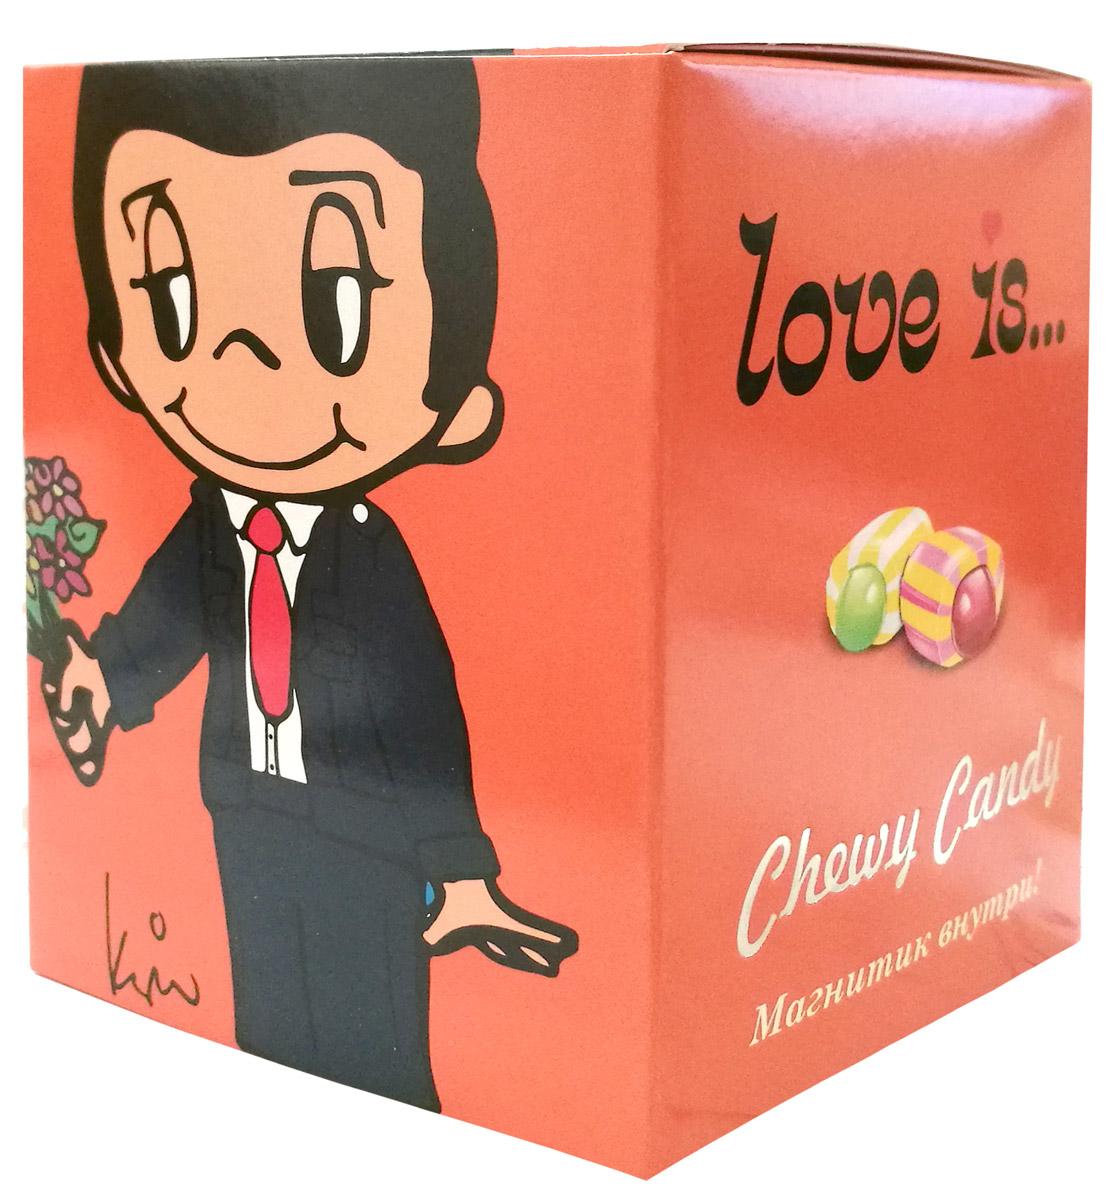 Love is Жевательные конфеты с жидким центром, 125 г70295_дыня, ананас, арбуз, тропикБольше сюрпризов от Love is! Жевательные конфеты Love Is ассорти - это жевательные конфеты с жидким центром. Дыня, ананас и арбуз-тропик - яркие вкусы для любимых. Внутри каждой обертки факты и высказывания о любви. А самое необычное мы приготовили на дне упаковки. Магнит с предсказанием в каждой коробочке! Вся серия - это 46 магнитиков. Уважаемые клиенты! Обращаем ваше внимание, что полный перечень состава продукта представлен на дополнительном изображении. Упаковка может иметь несколько видов дизайна. Поставка осуществляется в зависимости от наличия на складе.